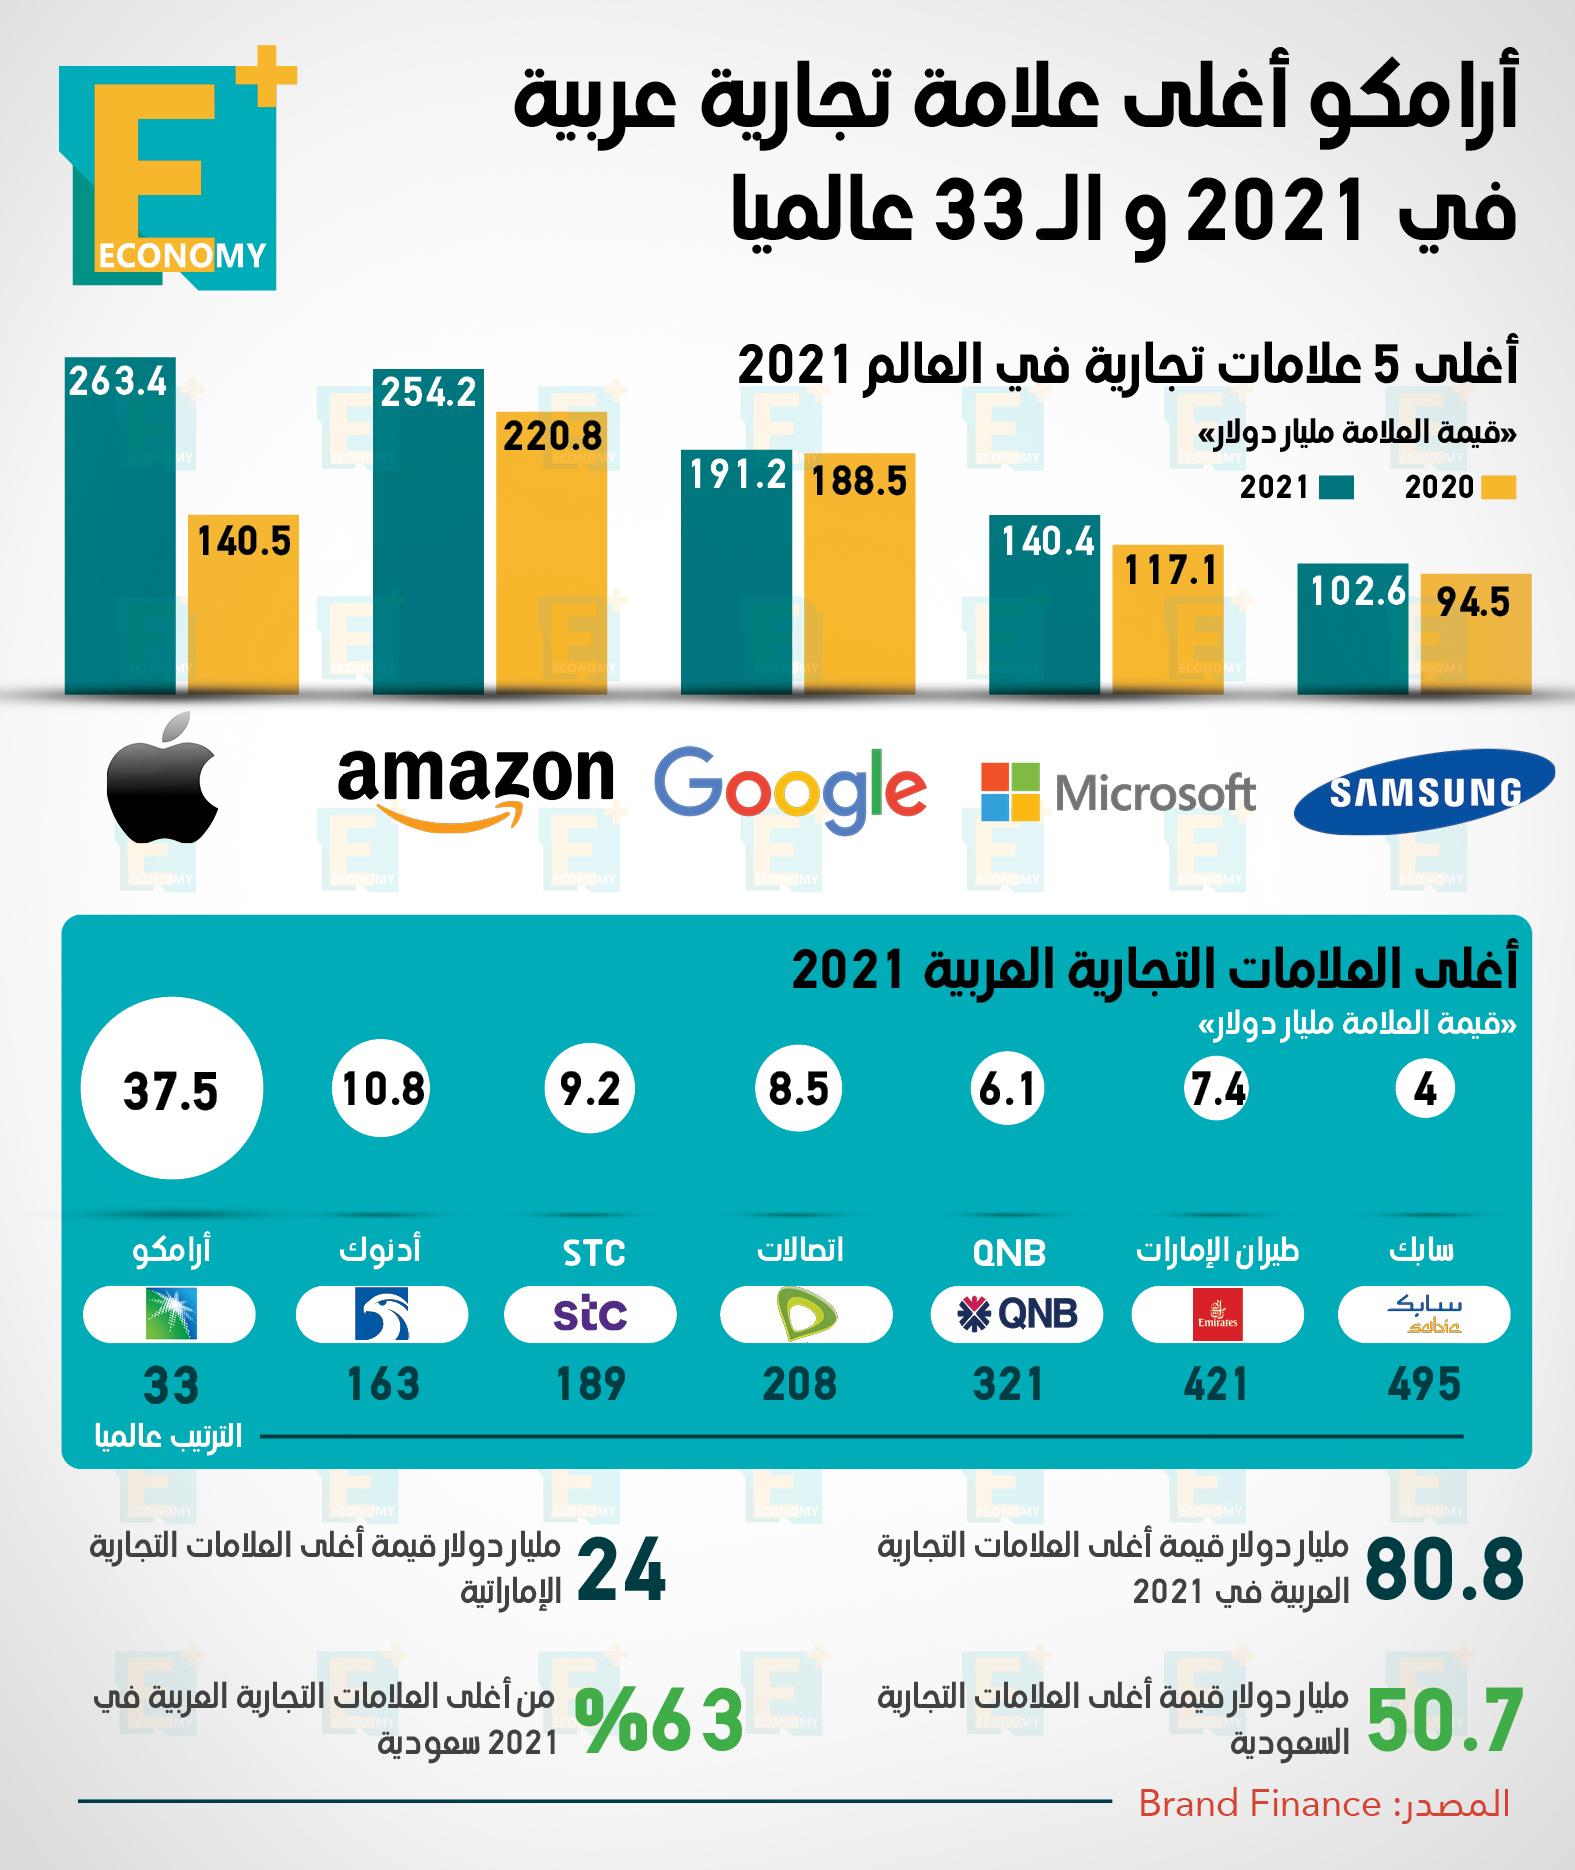 أرامكو أغلى العلامات التجارية في العالم العربي